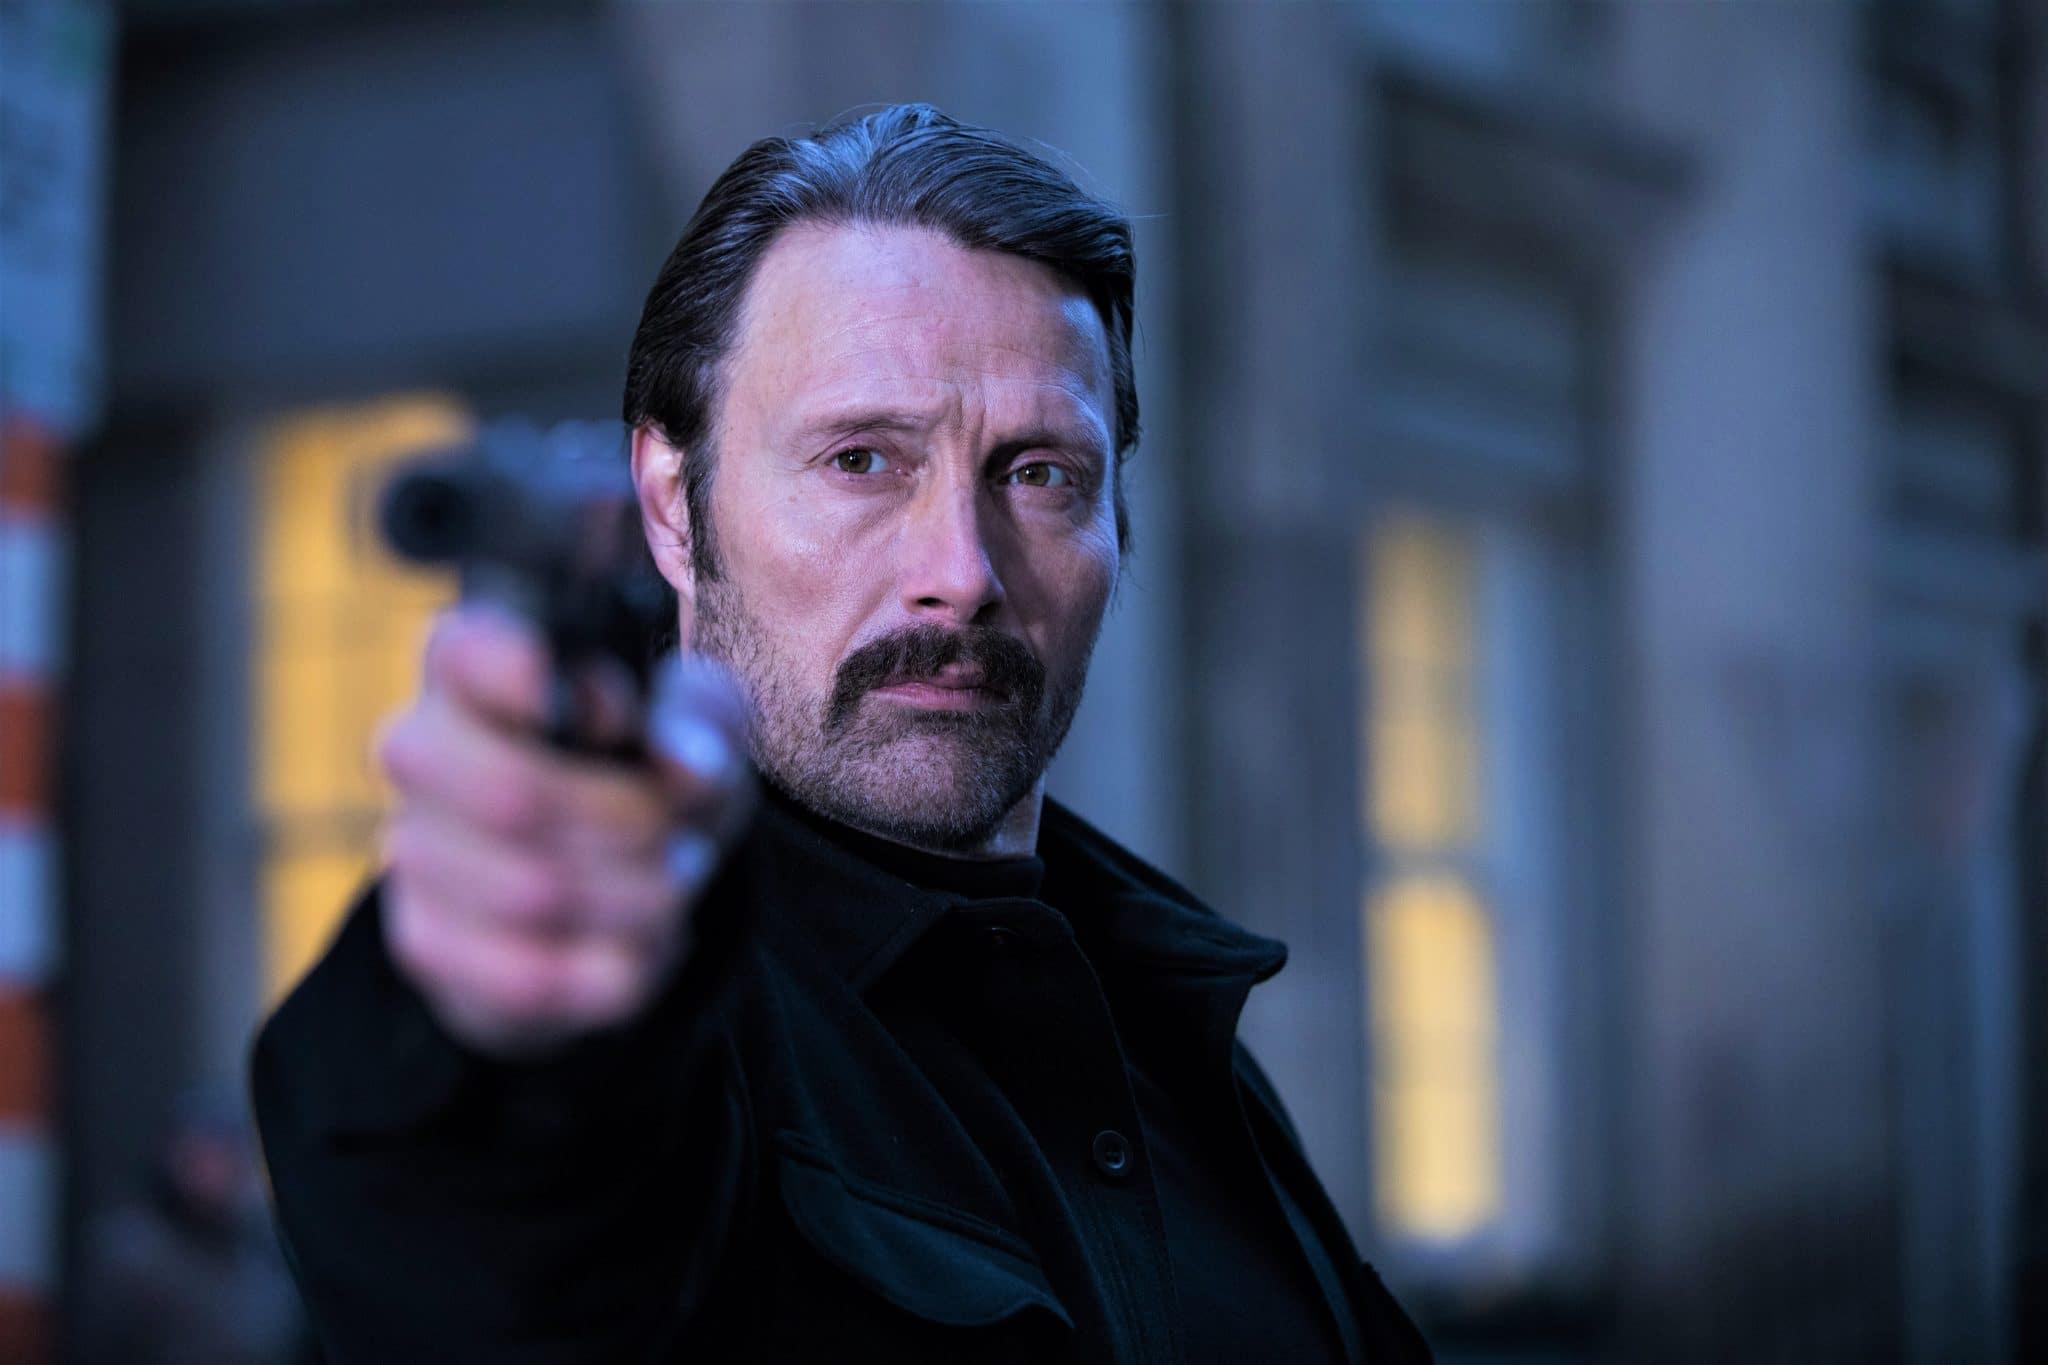 Black Kaiser (Mads Mikkelsen) ganz in Schwarz, zielt mit einer Pistole auf eine nicht zu sehende Person.